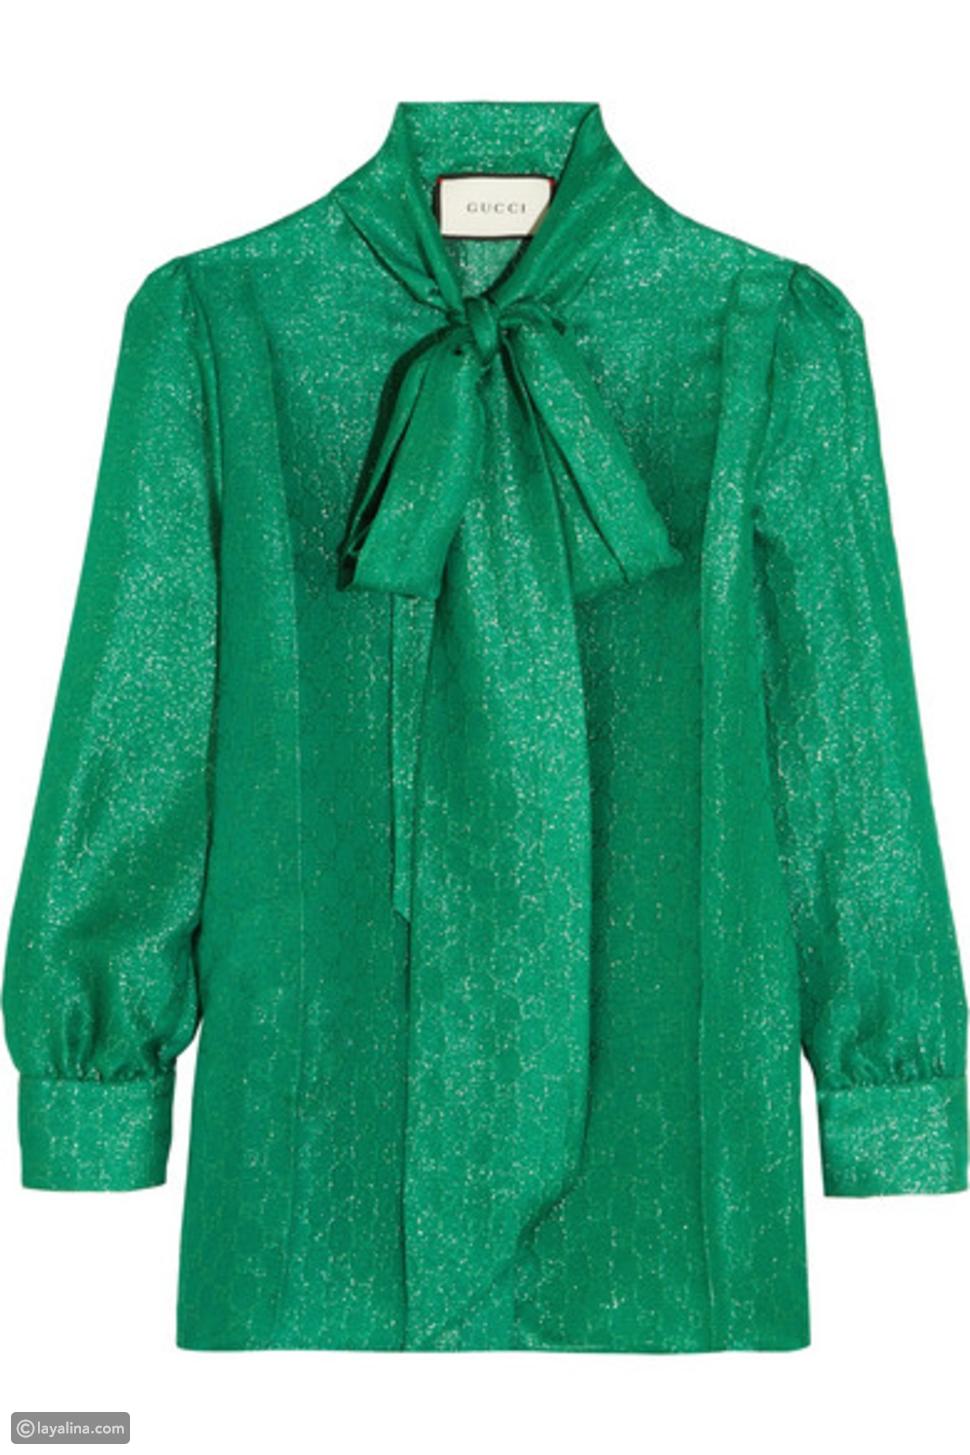 لوك اليوم: مزيج اللون الأخضر الرائع مع أزياء جلد الأفعى.. ما رأيك به؟